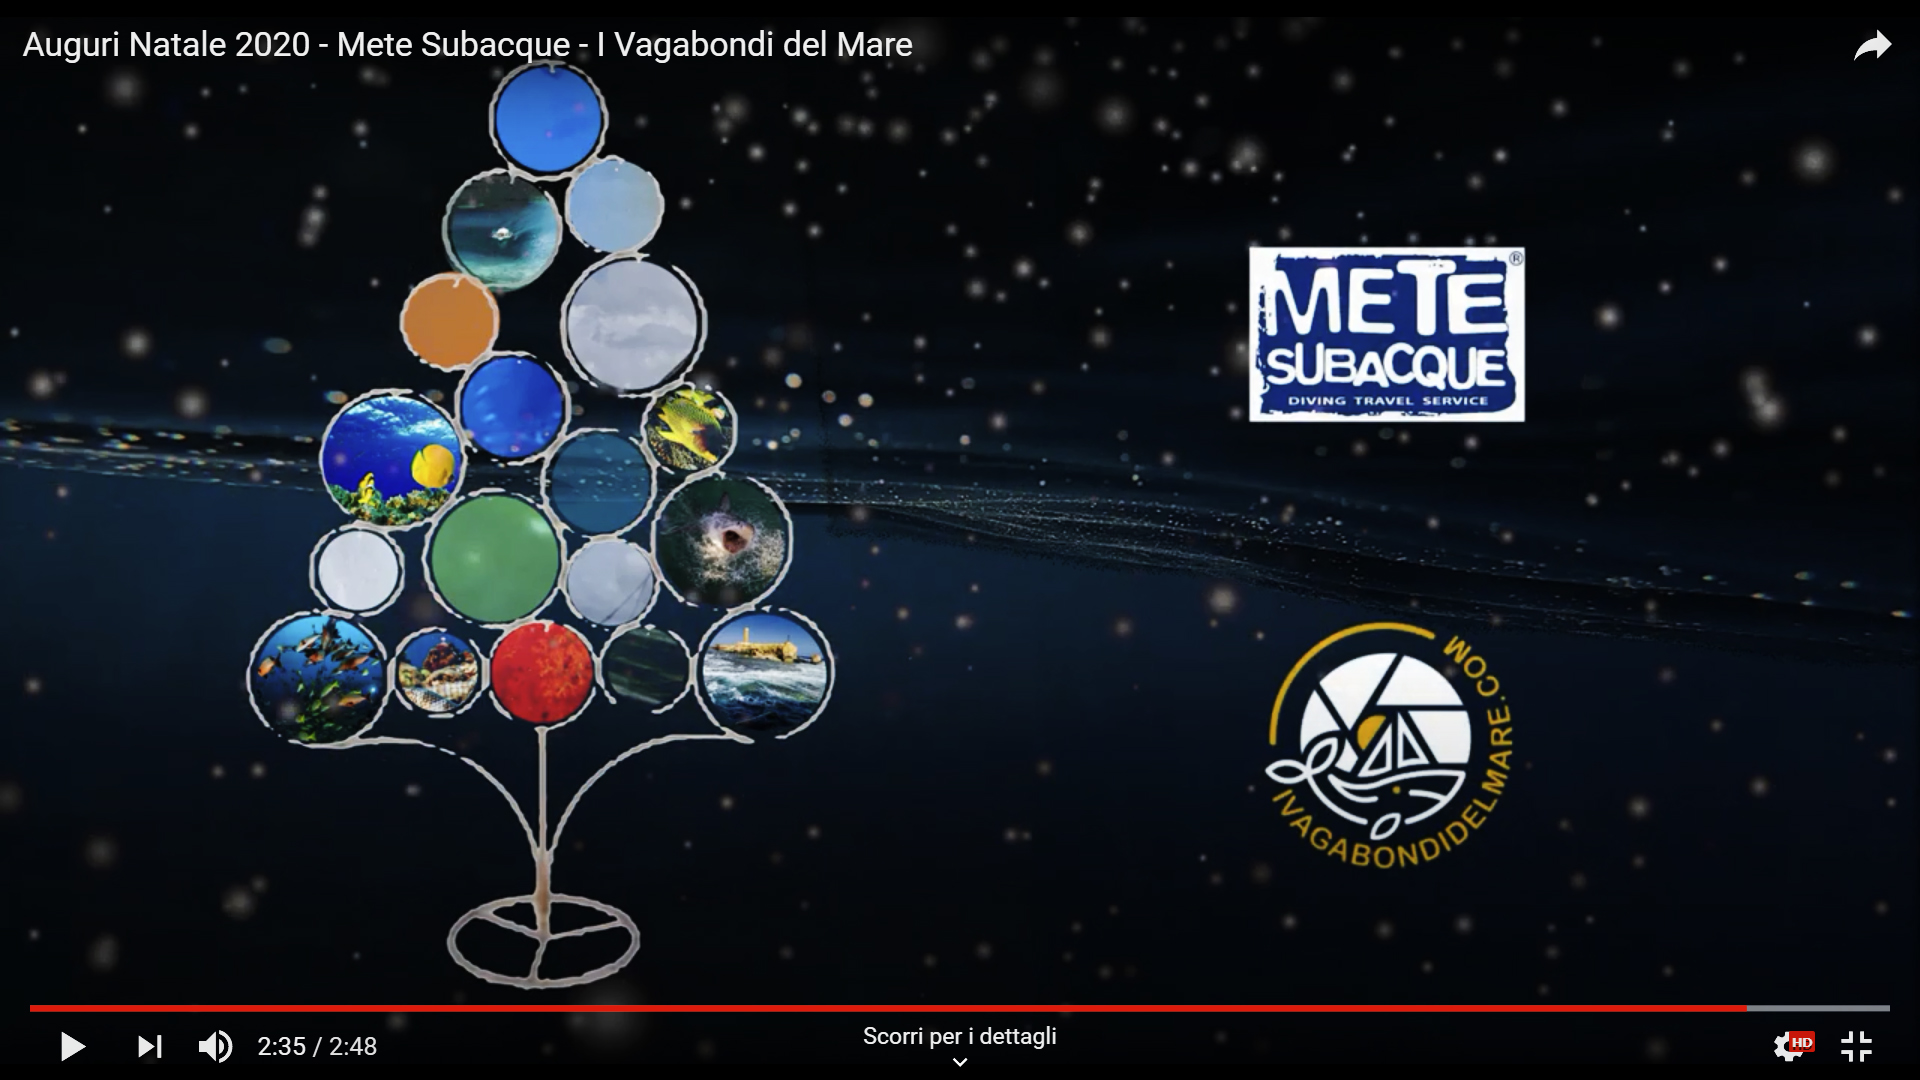 Videogallery – Un viaggio virtuale per augurarti BUONE FESTE